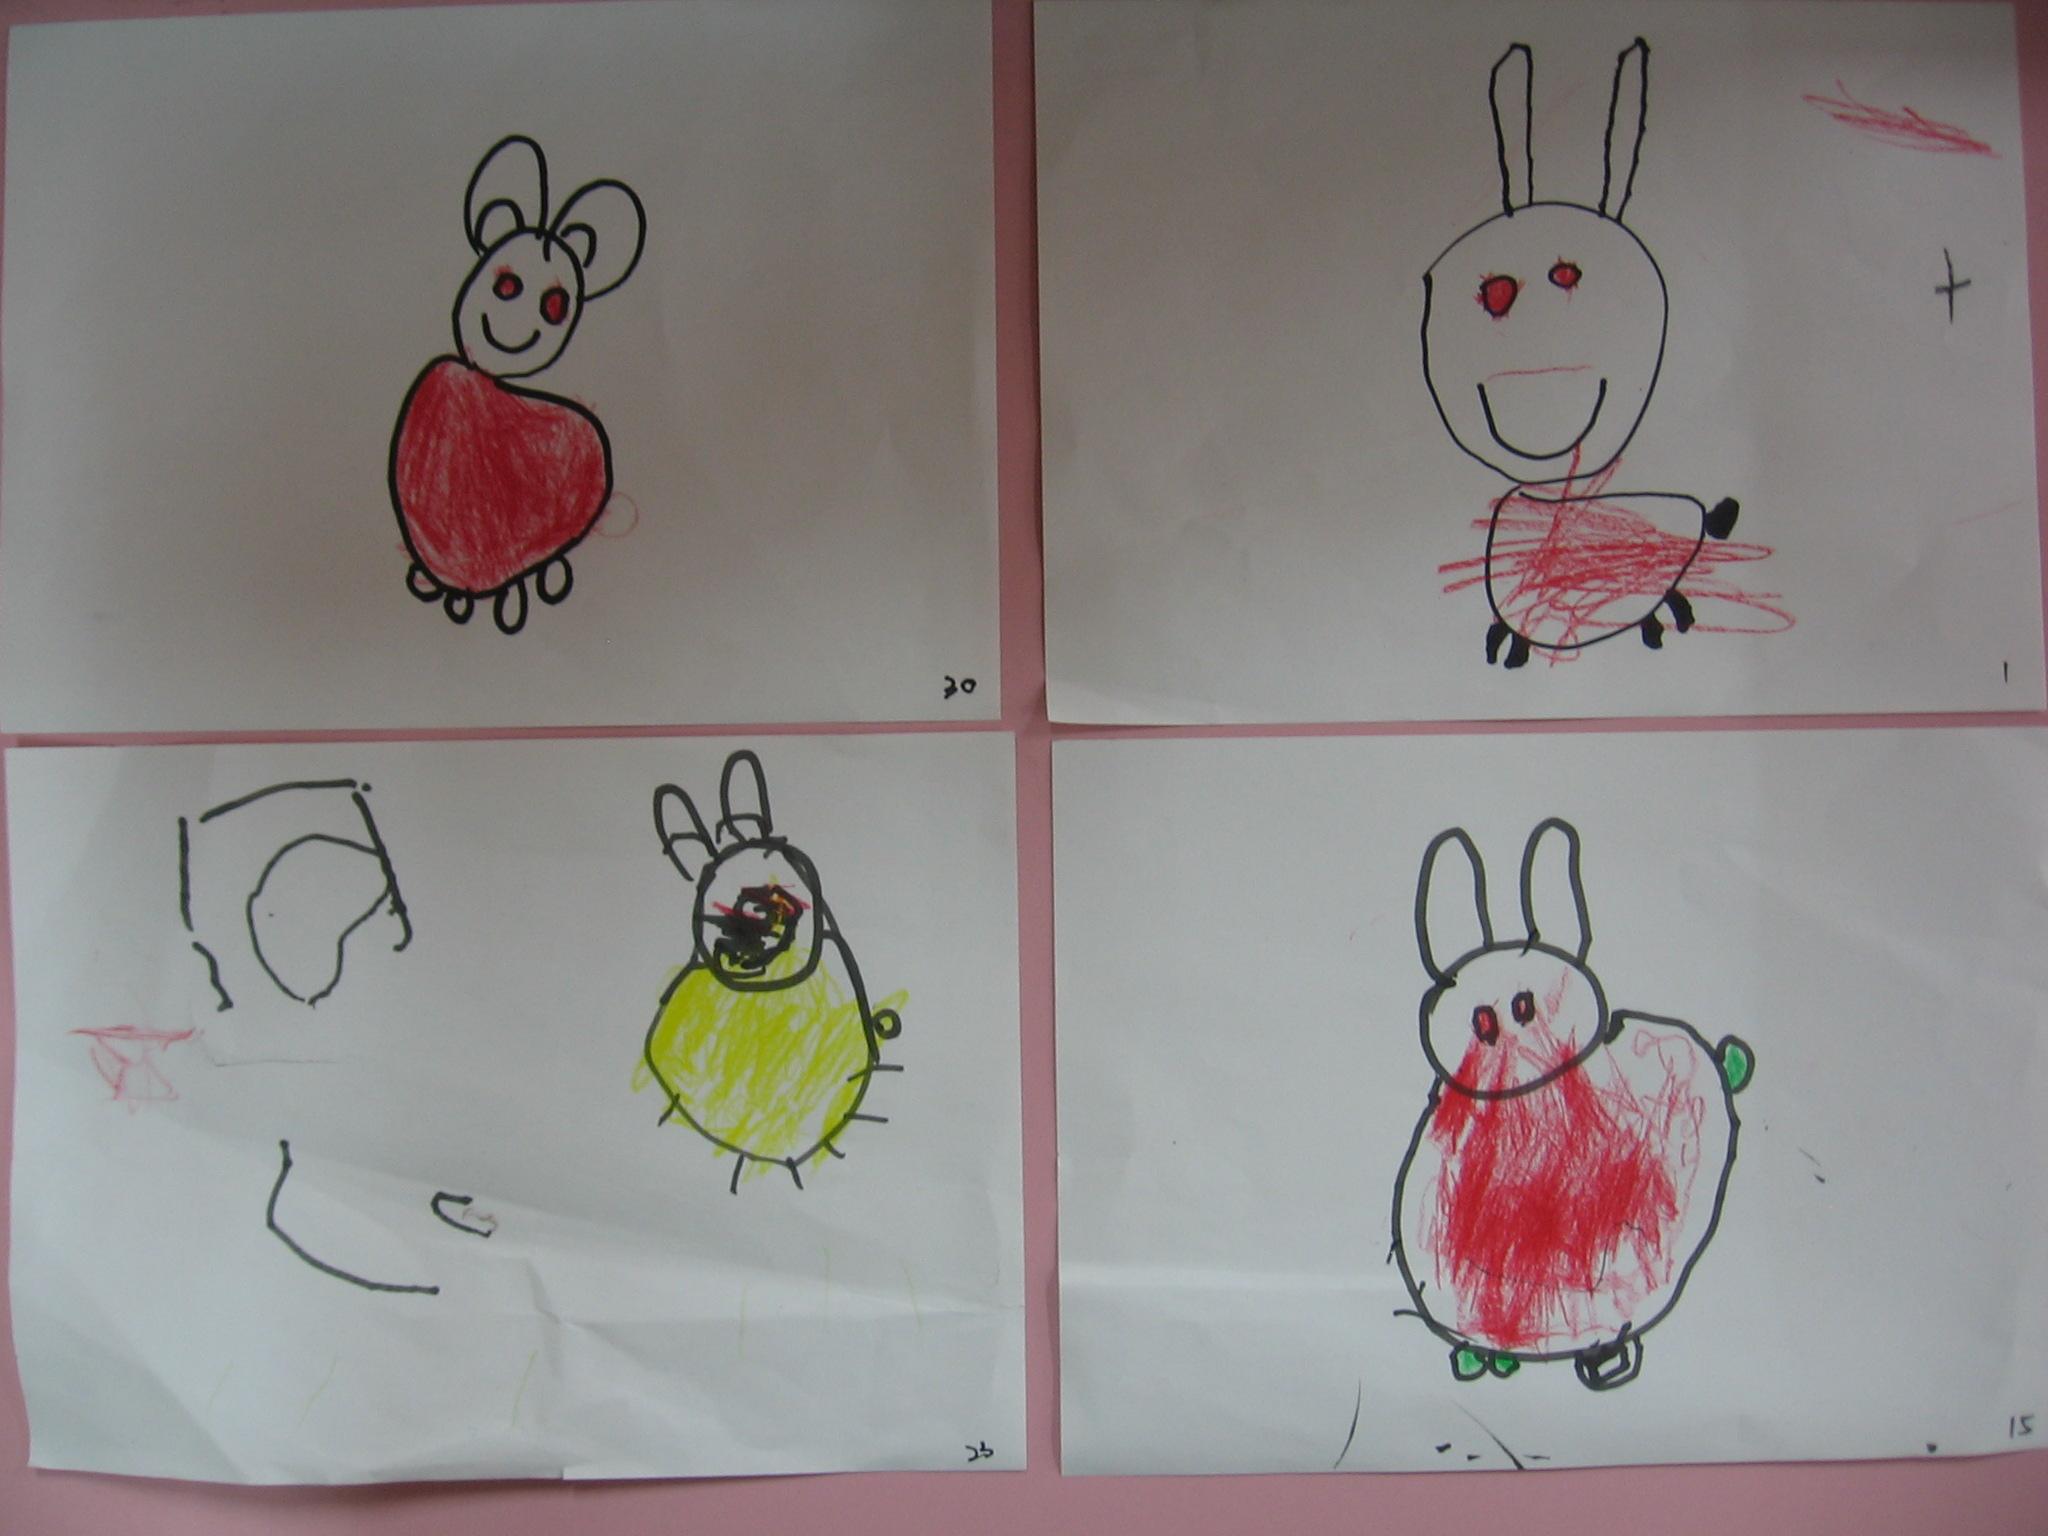 动态兔子图片大全可爱